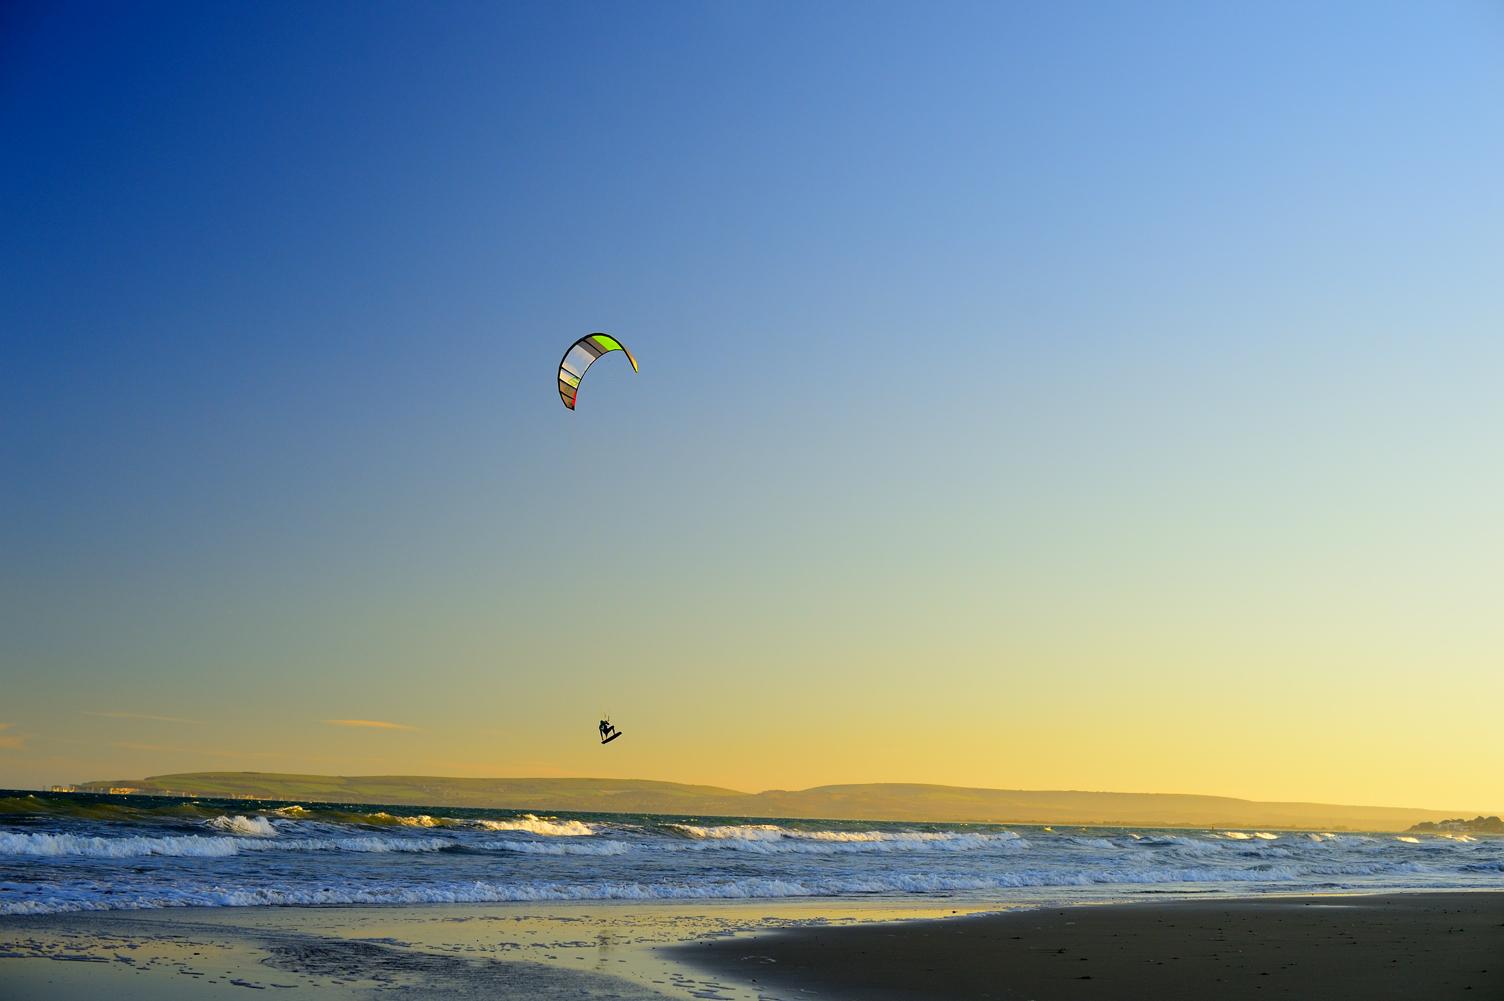 09) Things to do - Beach - activities-Kite surf_CRL7516.jpg